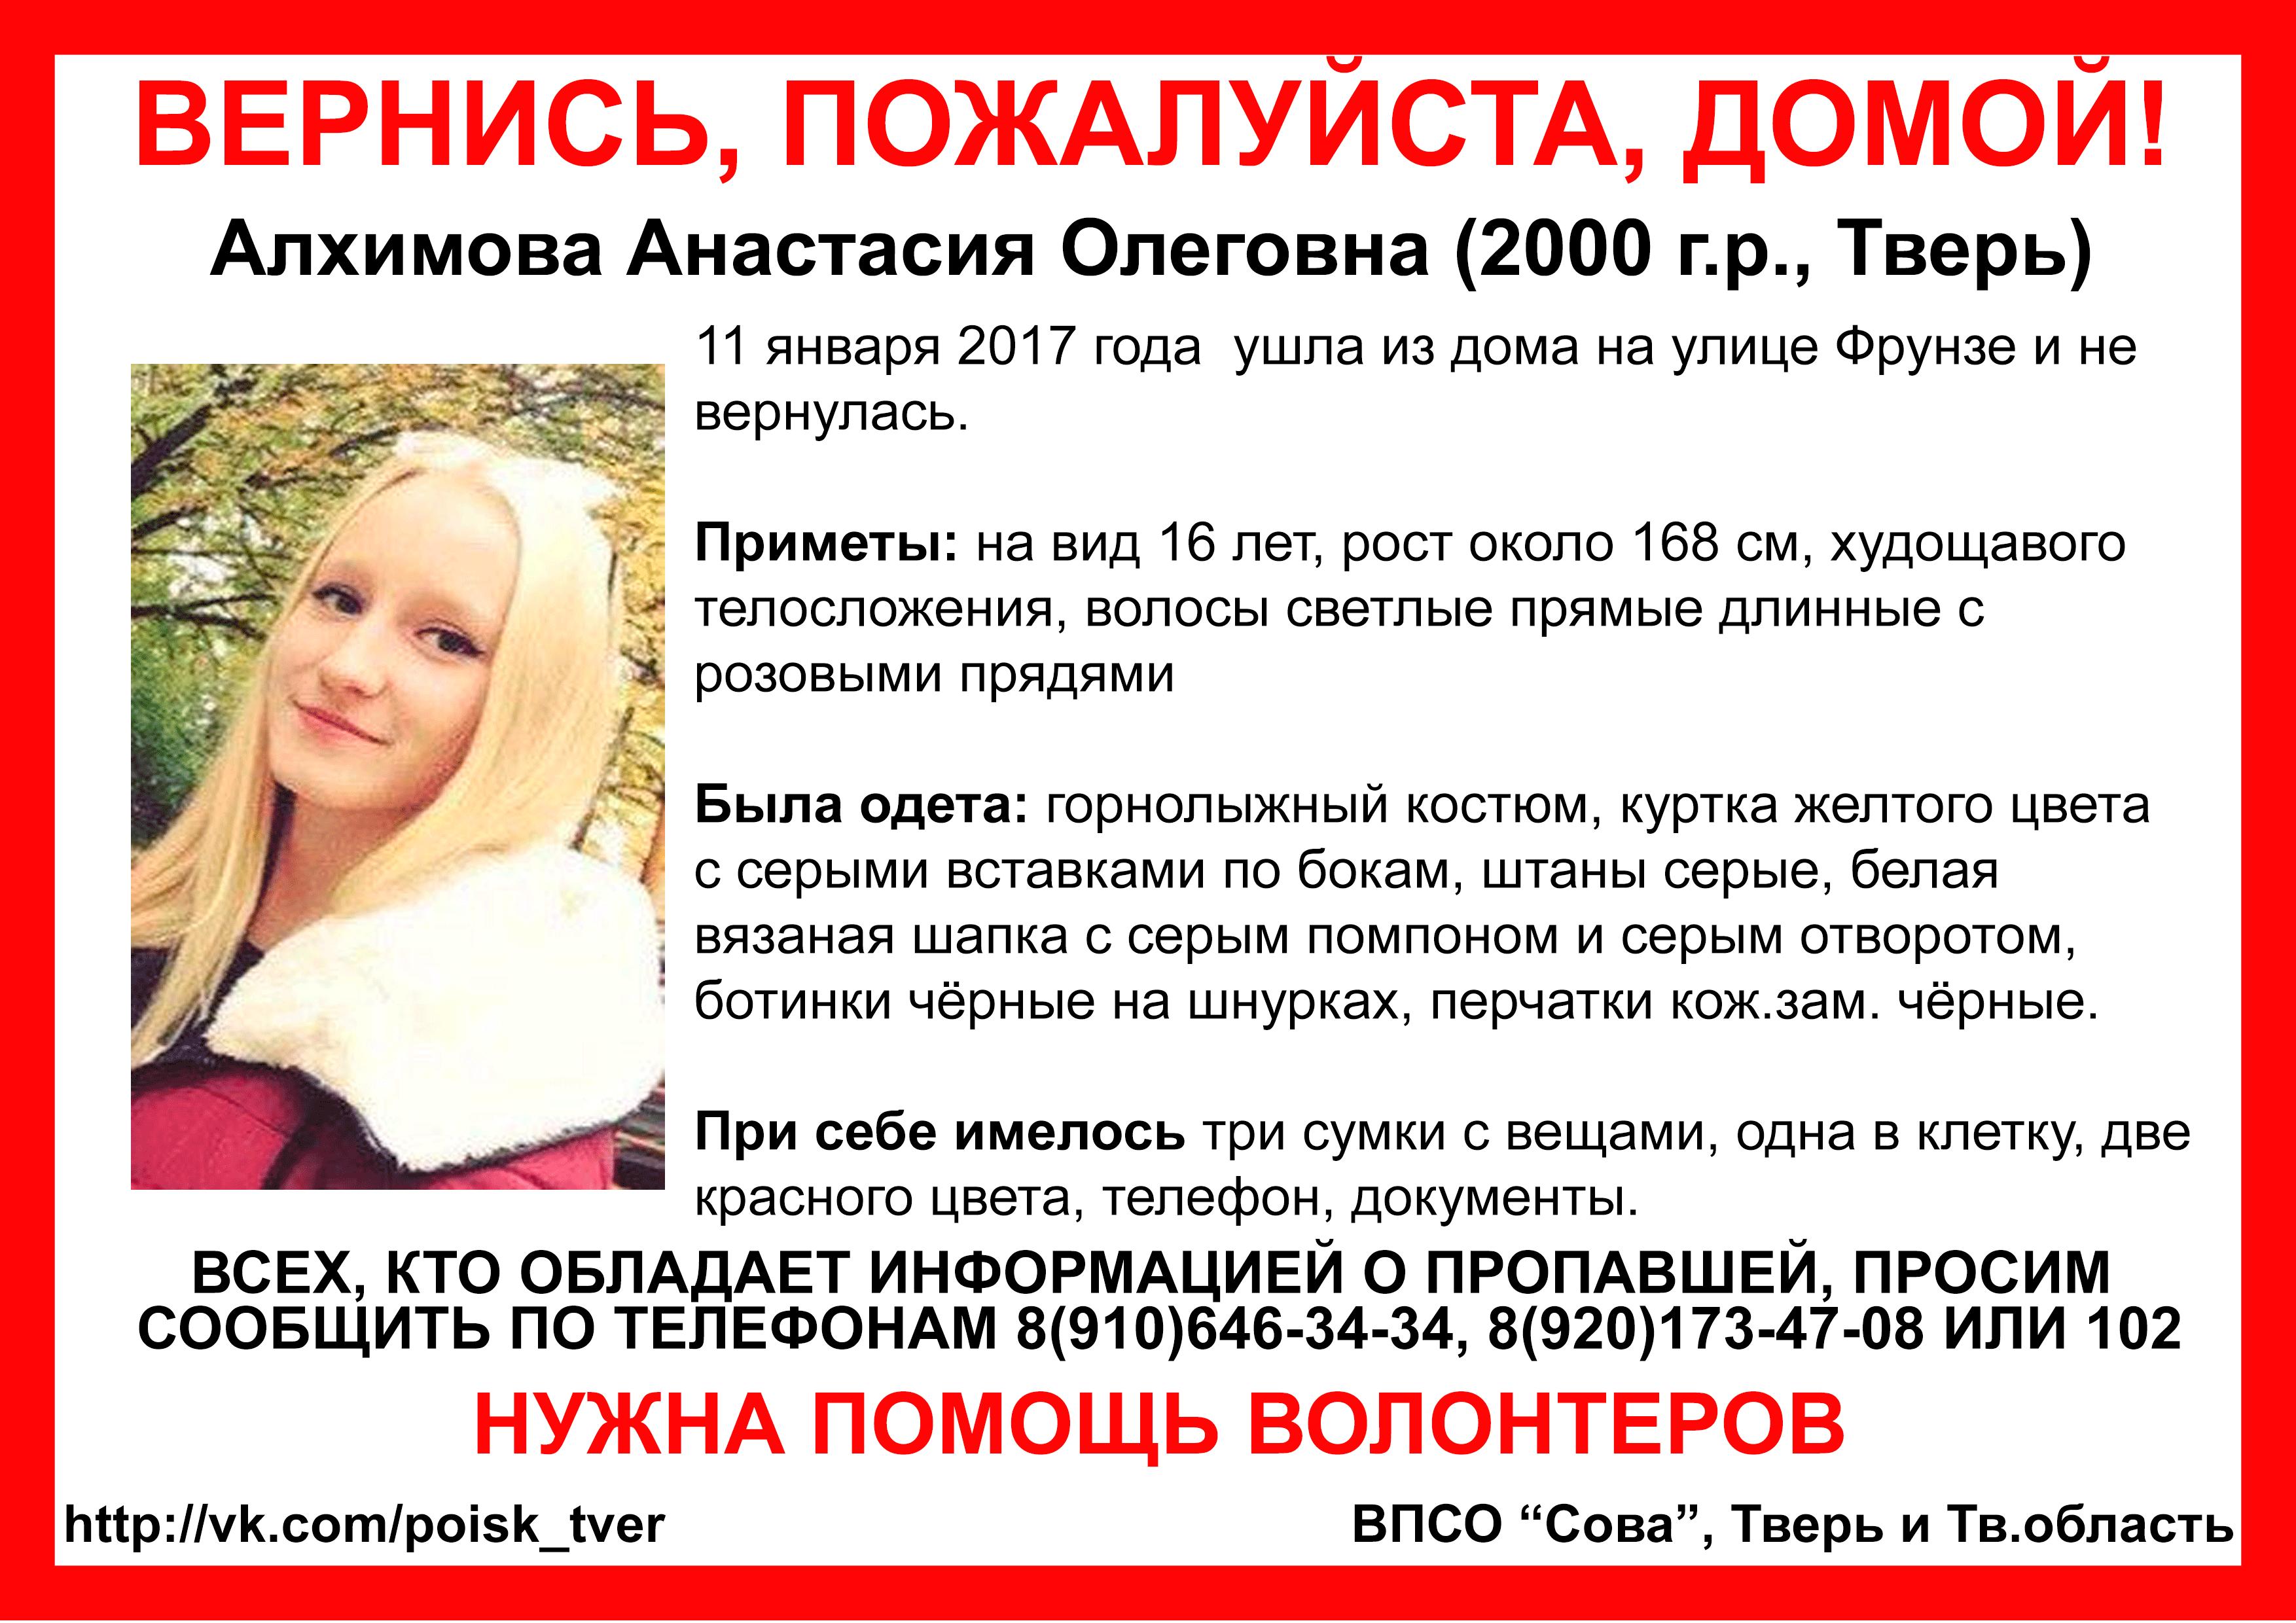 (Найдена, жива) В Твери пропала несовершеннолетняя девушка